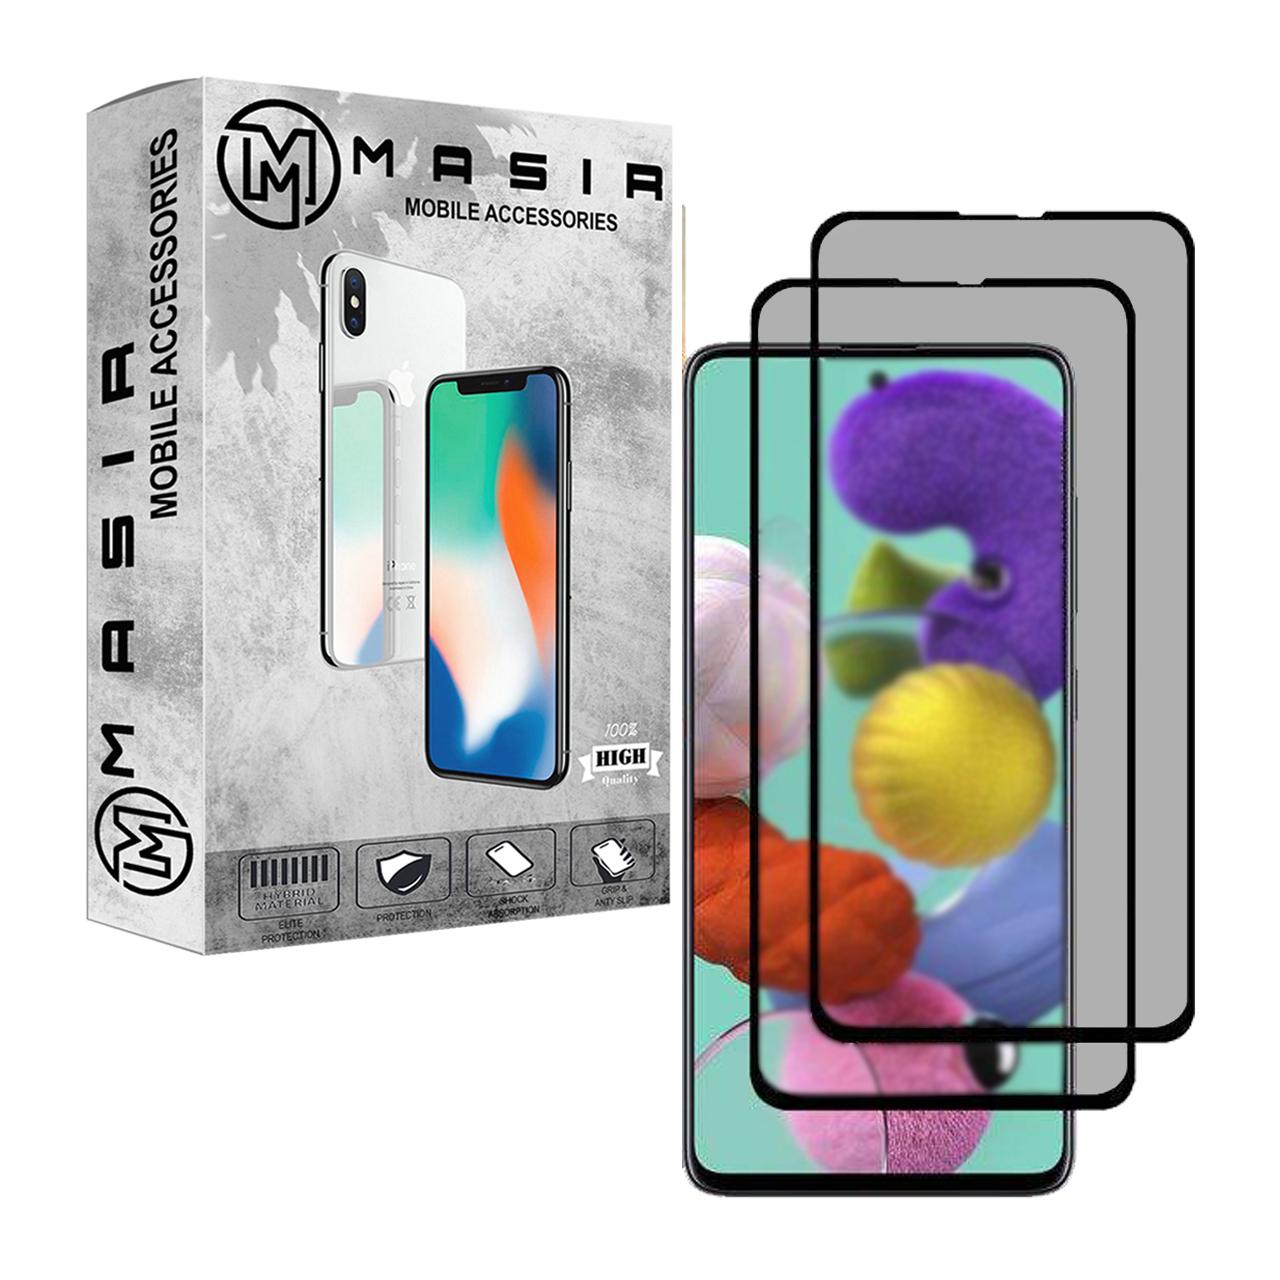 محافظ صفحه نمایش حریم شخصی مسیر مدل MGFPV-2 مناسب برای گوشی موبایل سامسونگ Galaxy A51 بسته دو عددی